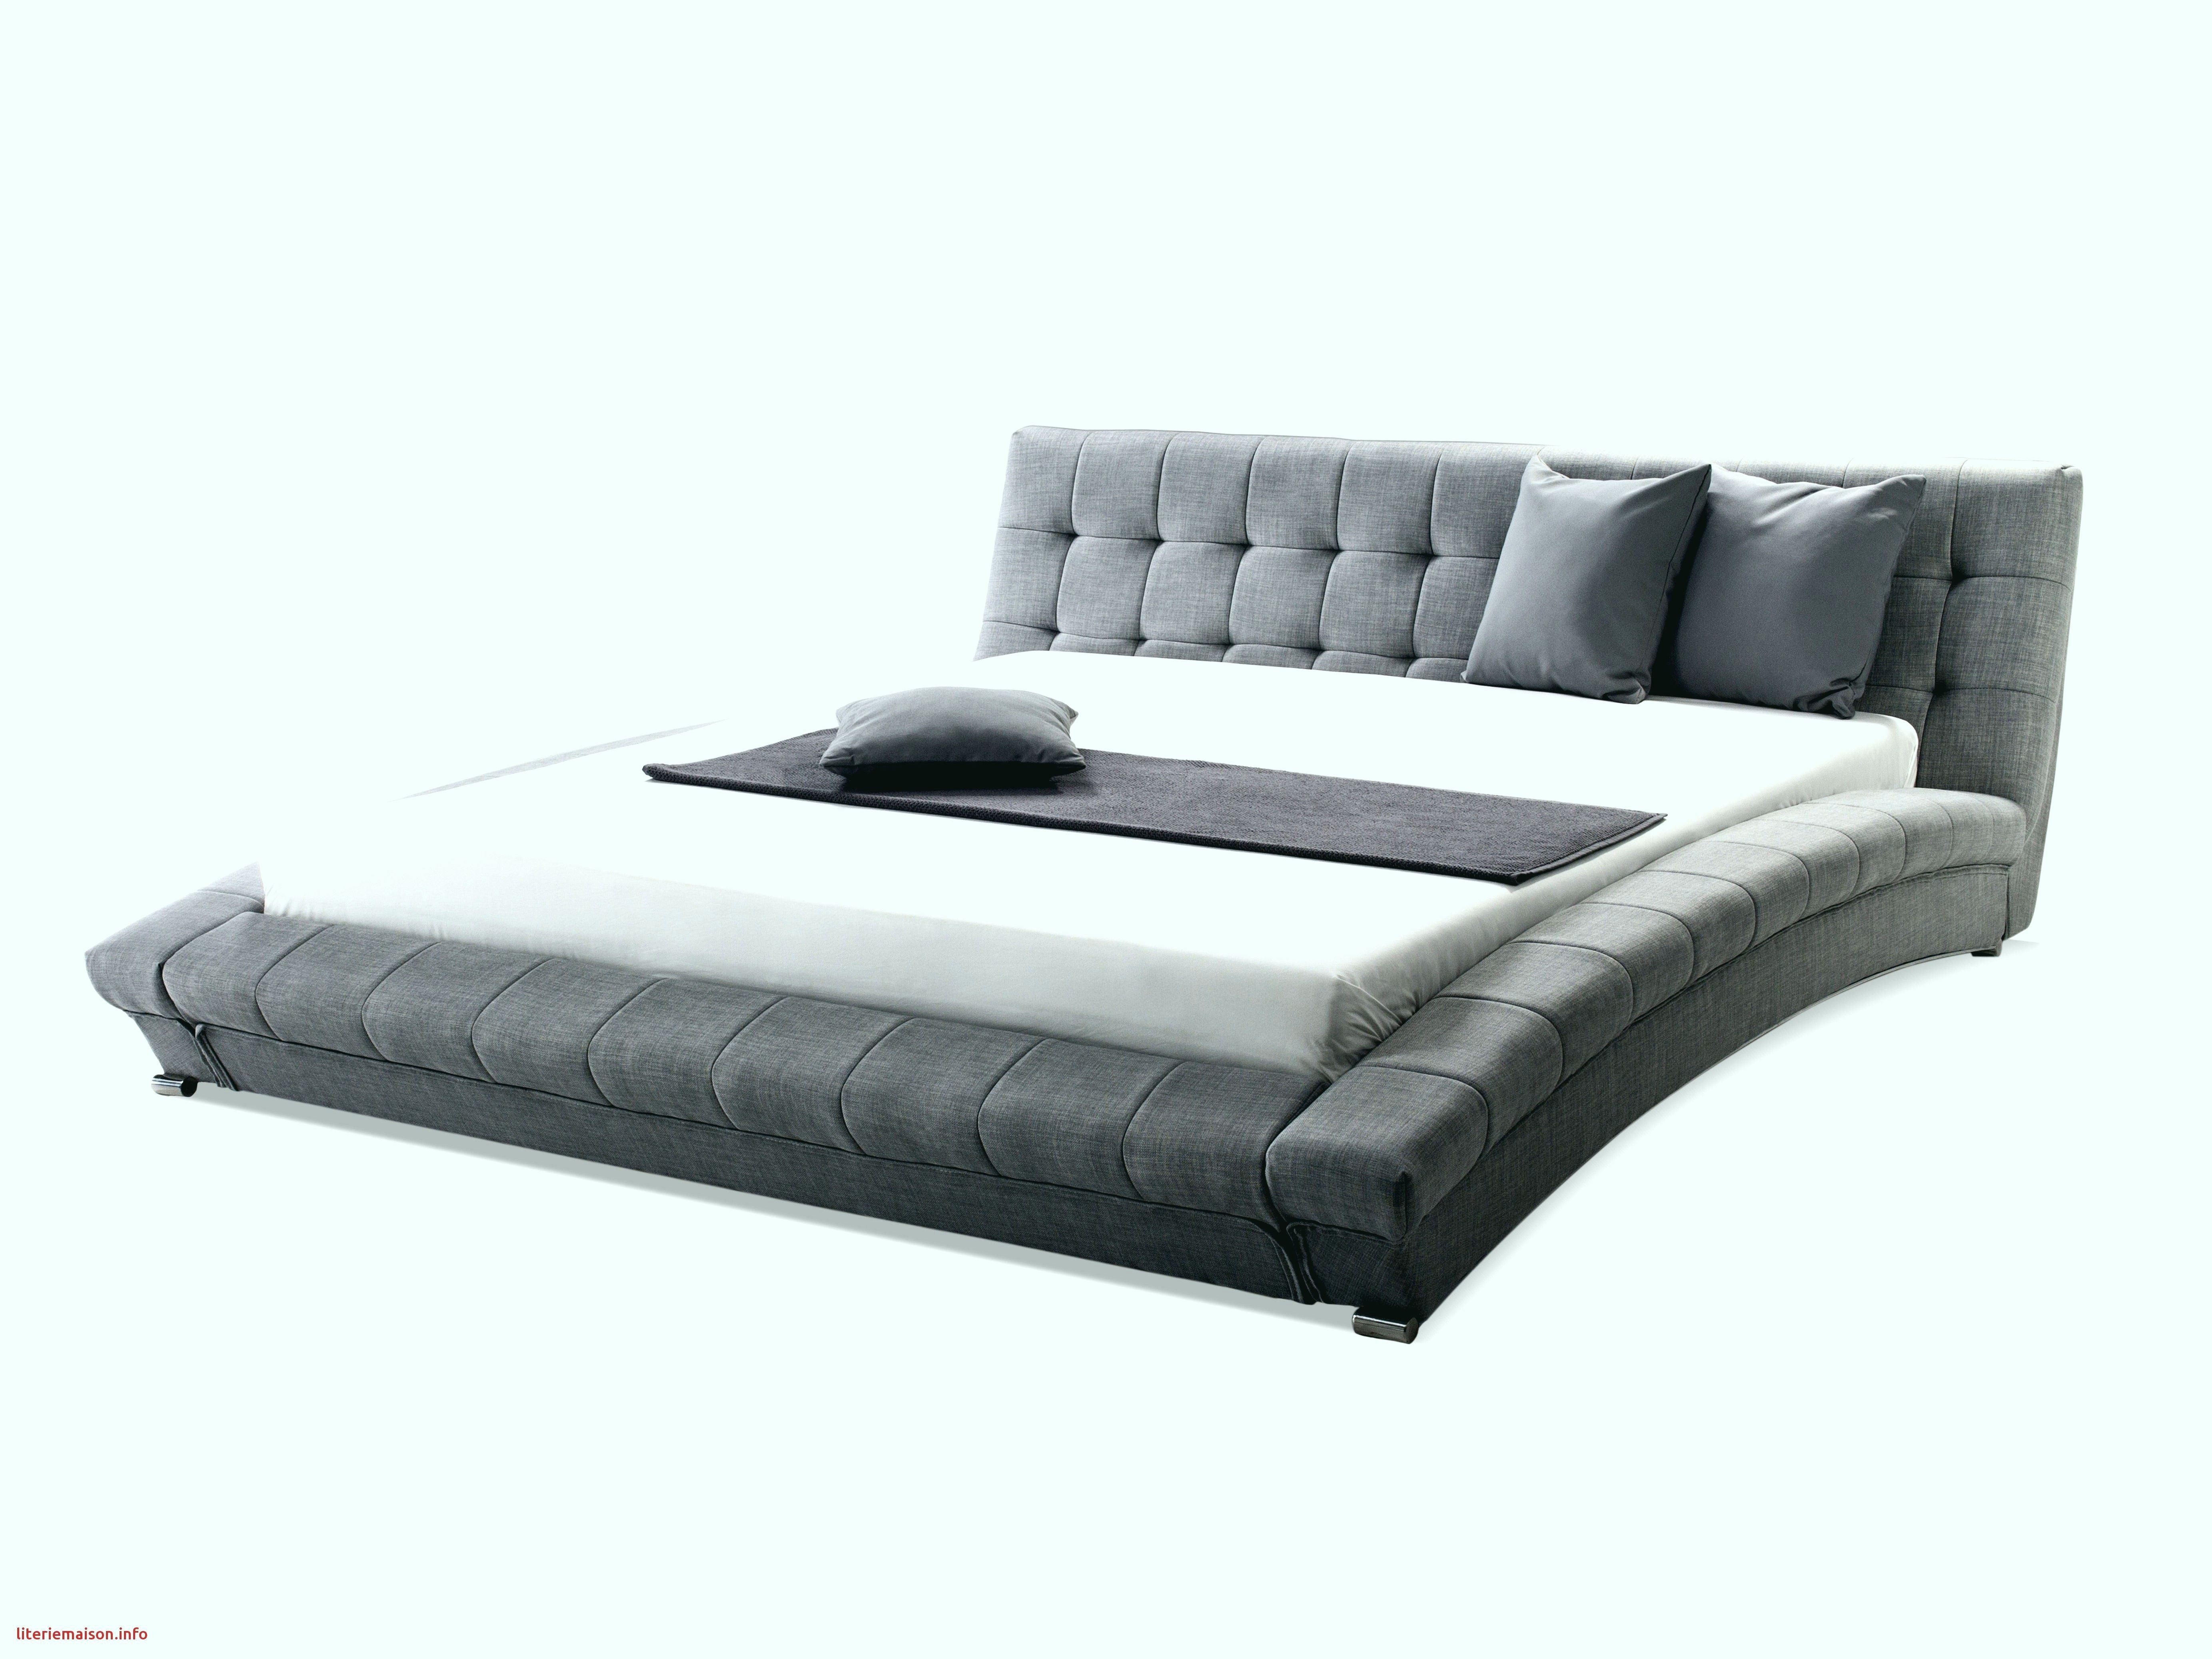 Lits Superposés Avec Rangement Meilleur De Matelas Pas Cher 160x200 Ikea